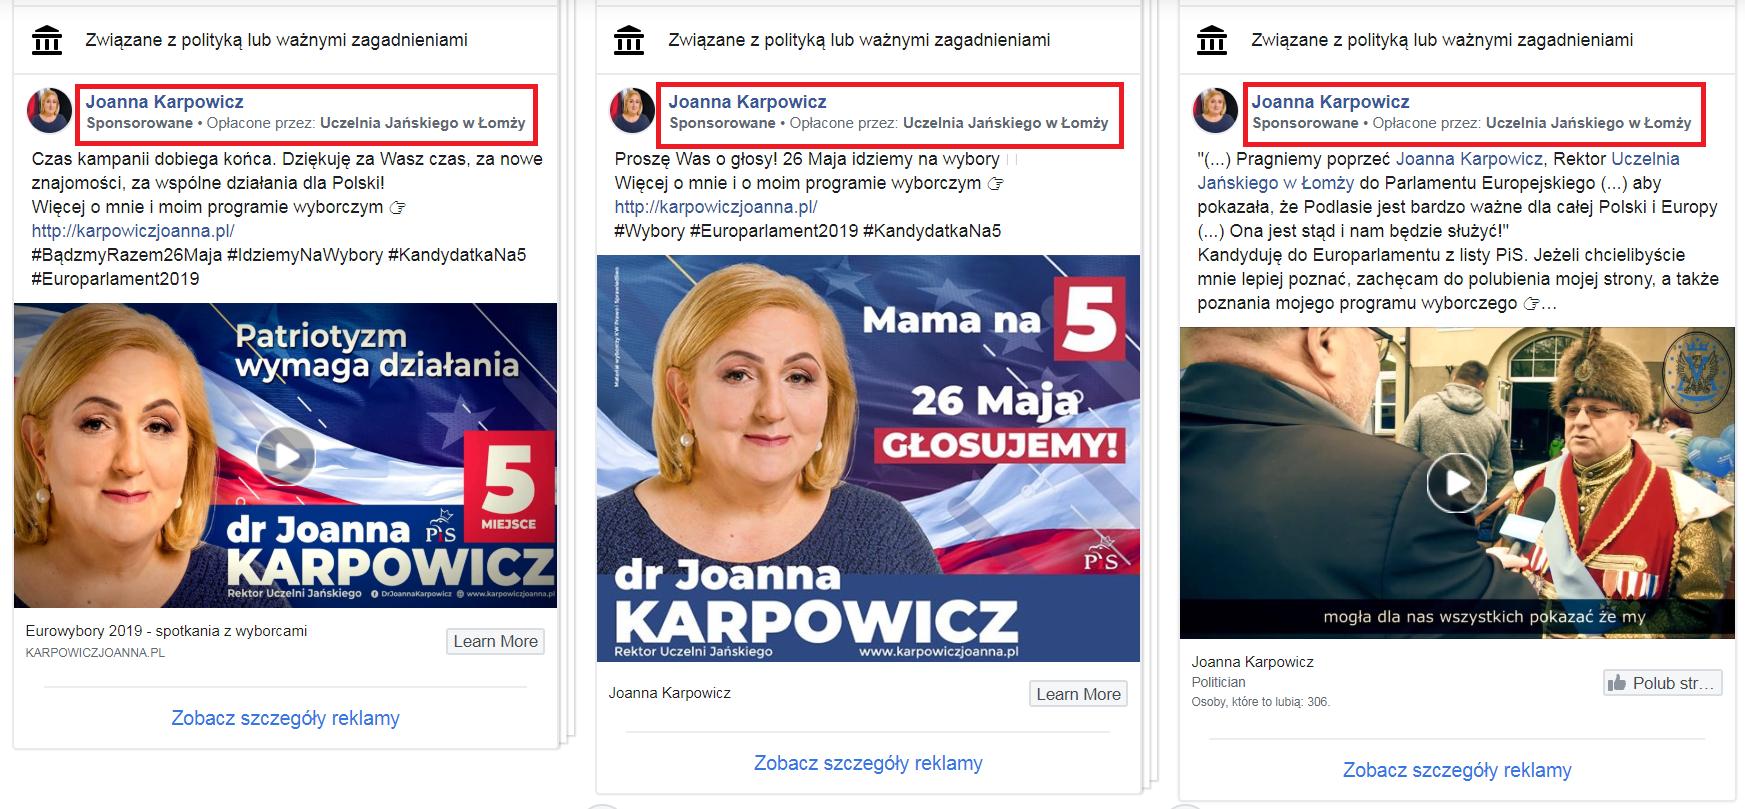 Reklama Joanny Karpowicz z PiS była sponsorowana przez uczelnię Jańskiego, której jest rektorem. To niezgodne z kodeksem wyborczym.